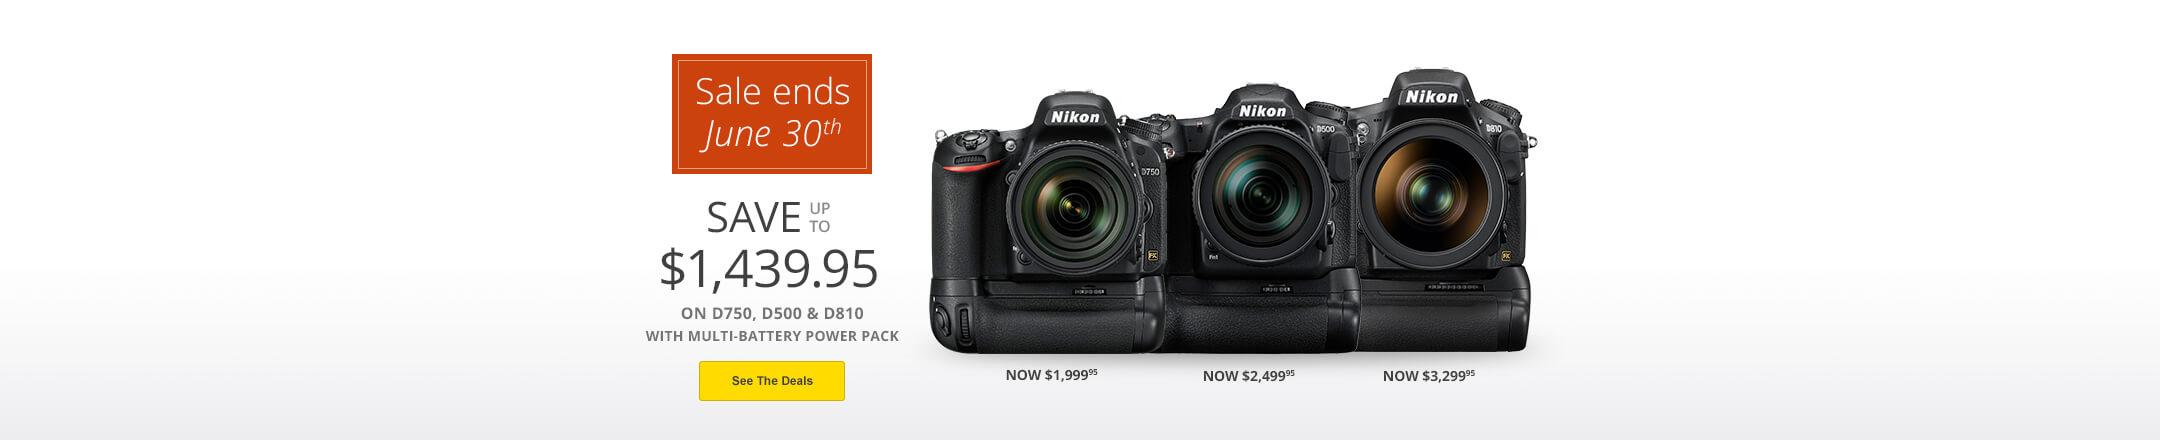 Digital Cameras   DSLRs, Compact Cameras & Camera Accessories   Nikon